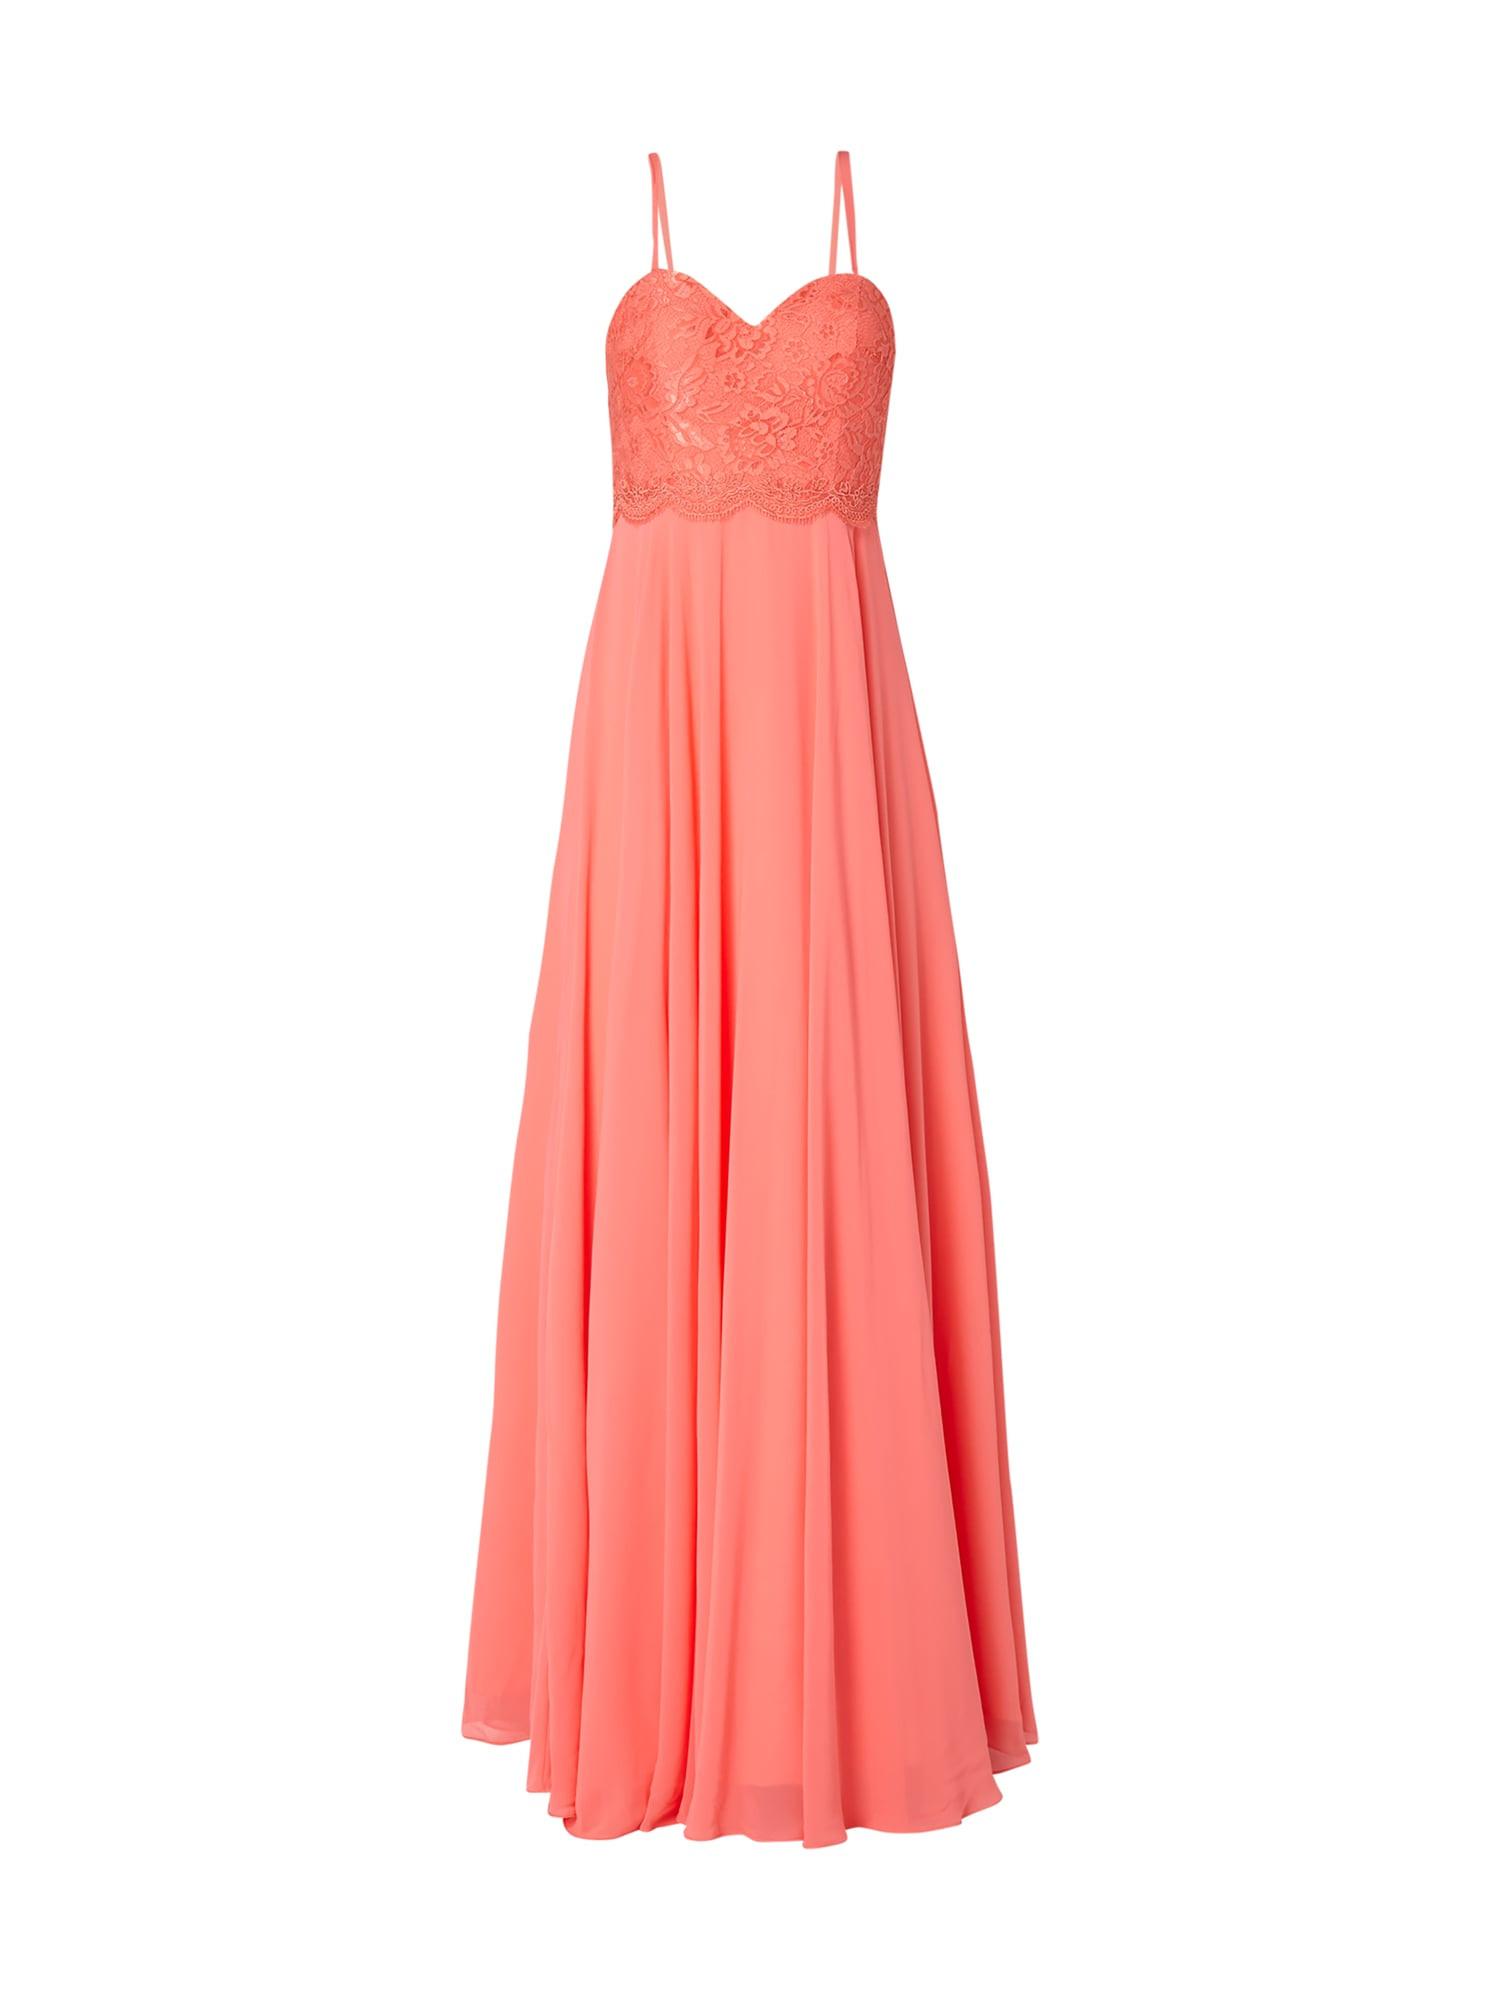 Formal Coolste Abendkleid Koralle Design Leicht Abendkleid Koralle Spezialgebiet